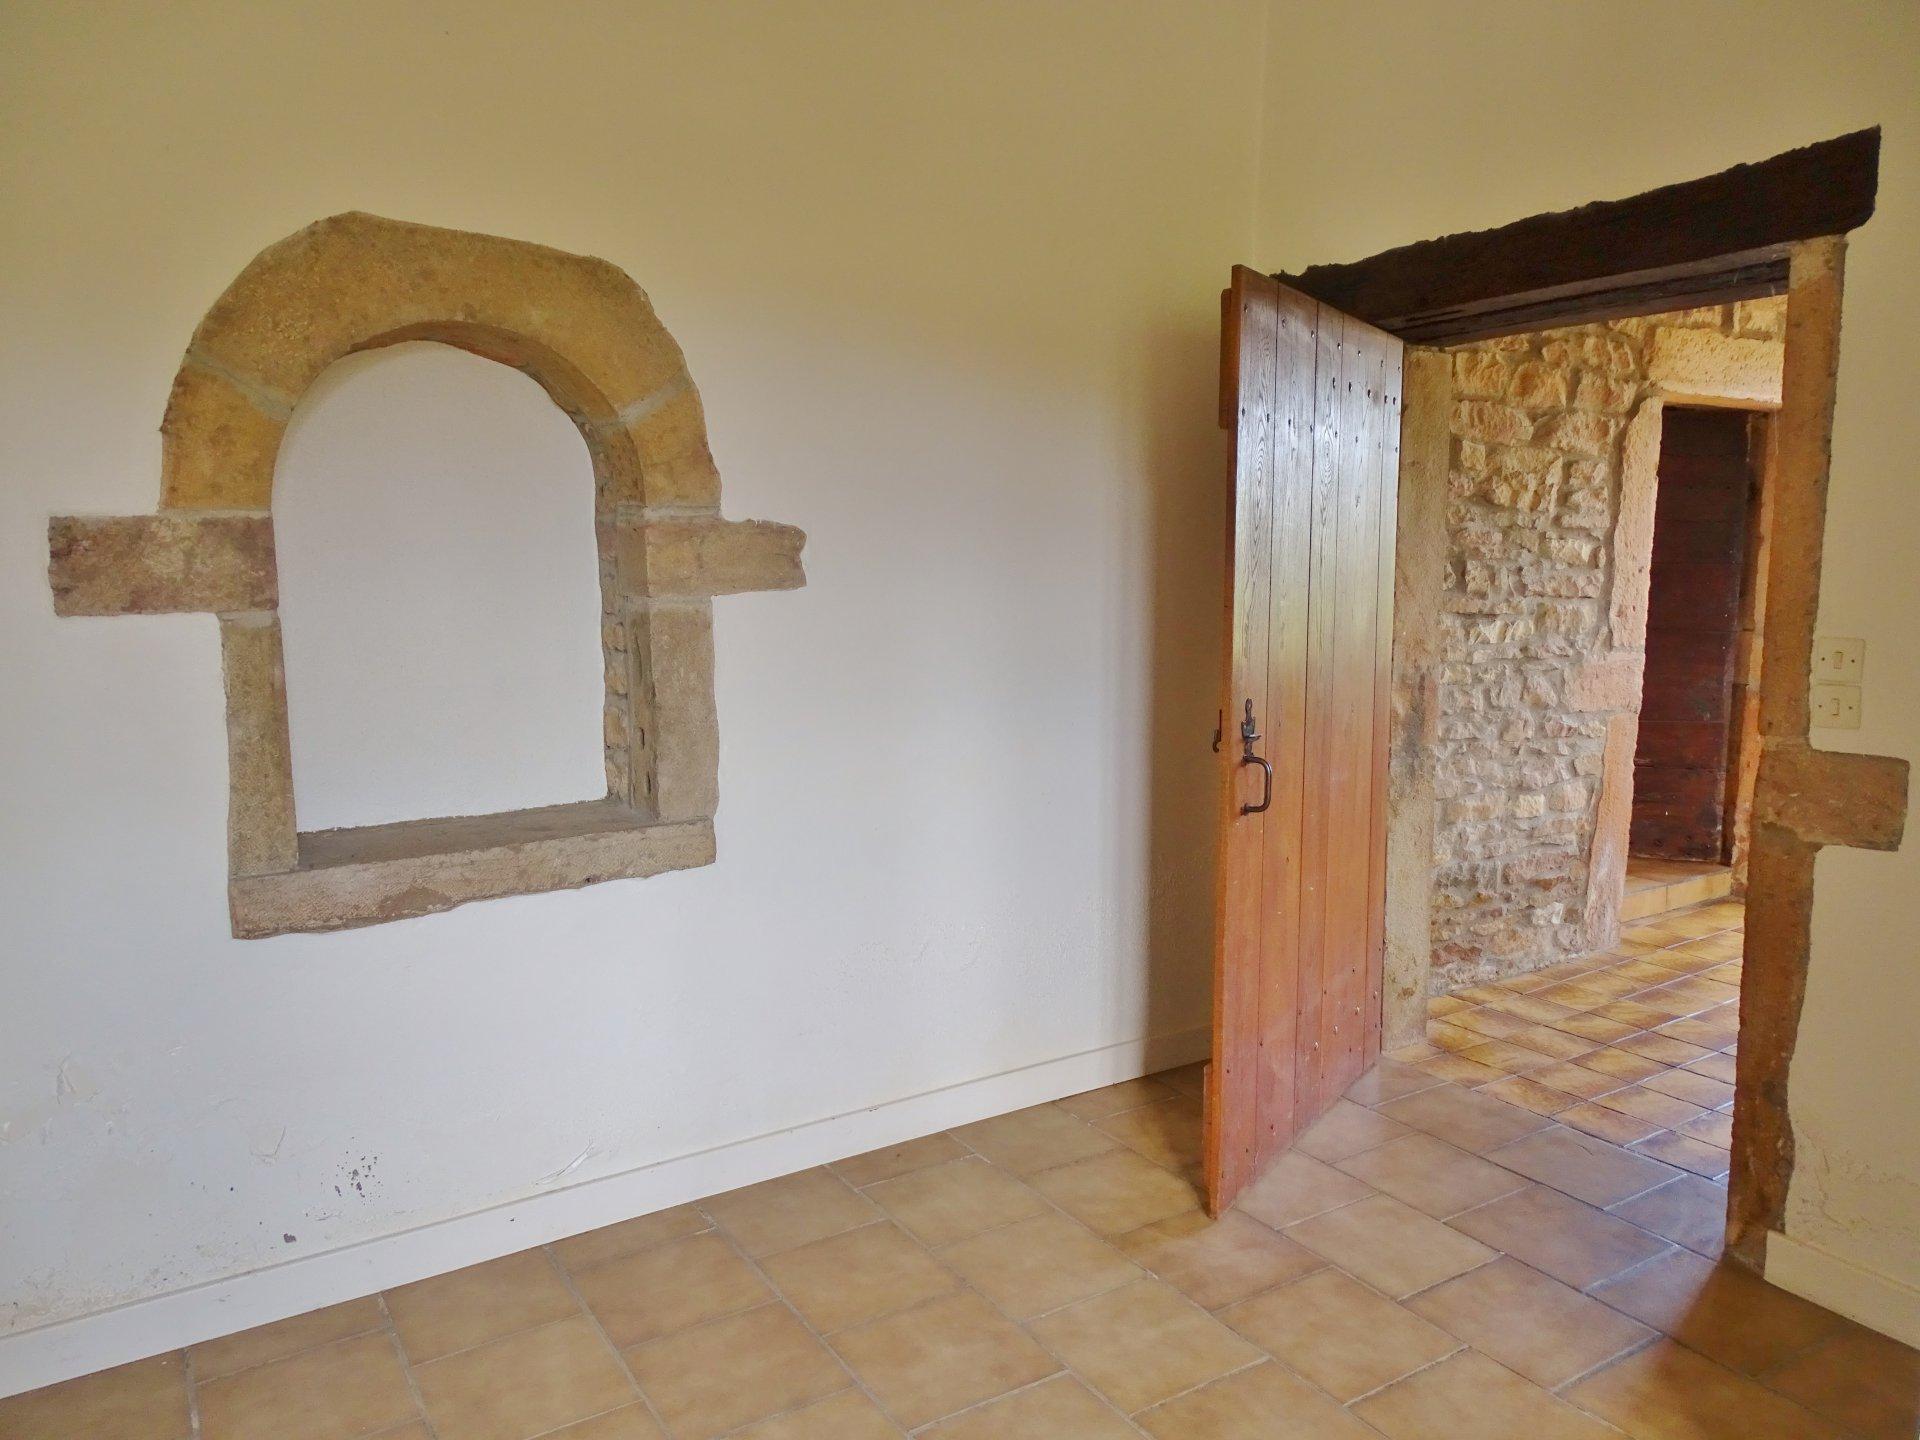 Située dans un secteur très prisé de Charnay, cette maison en pierre saura vous séduire par son charme et son grand potentiel. Un bel escalier en pierre dessert un hall d'entrée donnant sur un charmant séjour et une cuisine séparée par une simple cloison (pour un total de 33,5m²). L'espace nuit offre 4 chambres ainsi que la salle de bains. De plain pied vous disposerez de 50 m² supplémentaires répartis actuellement en 3 pièces plus 2 salles de bains et WC. Chauffage au gaz basse consommation. Un abris pour voiture et une petite dépendance de 20m² complètent l'ensemble sur un terrain de 700 m² environ. Honoraires à la charge des vendeurs.